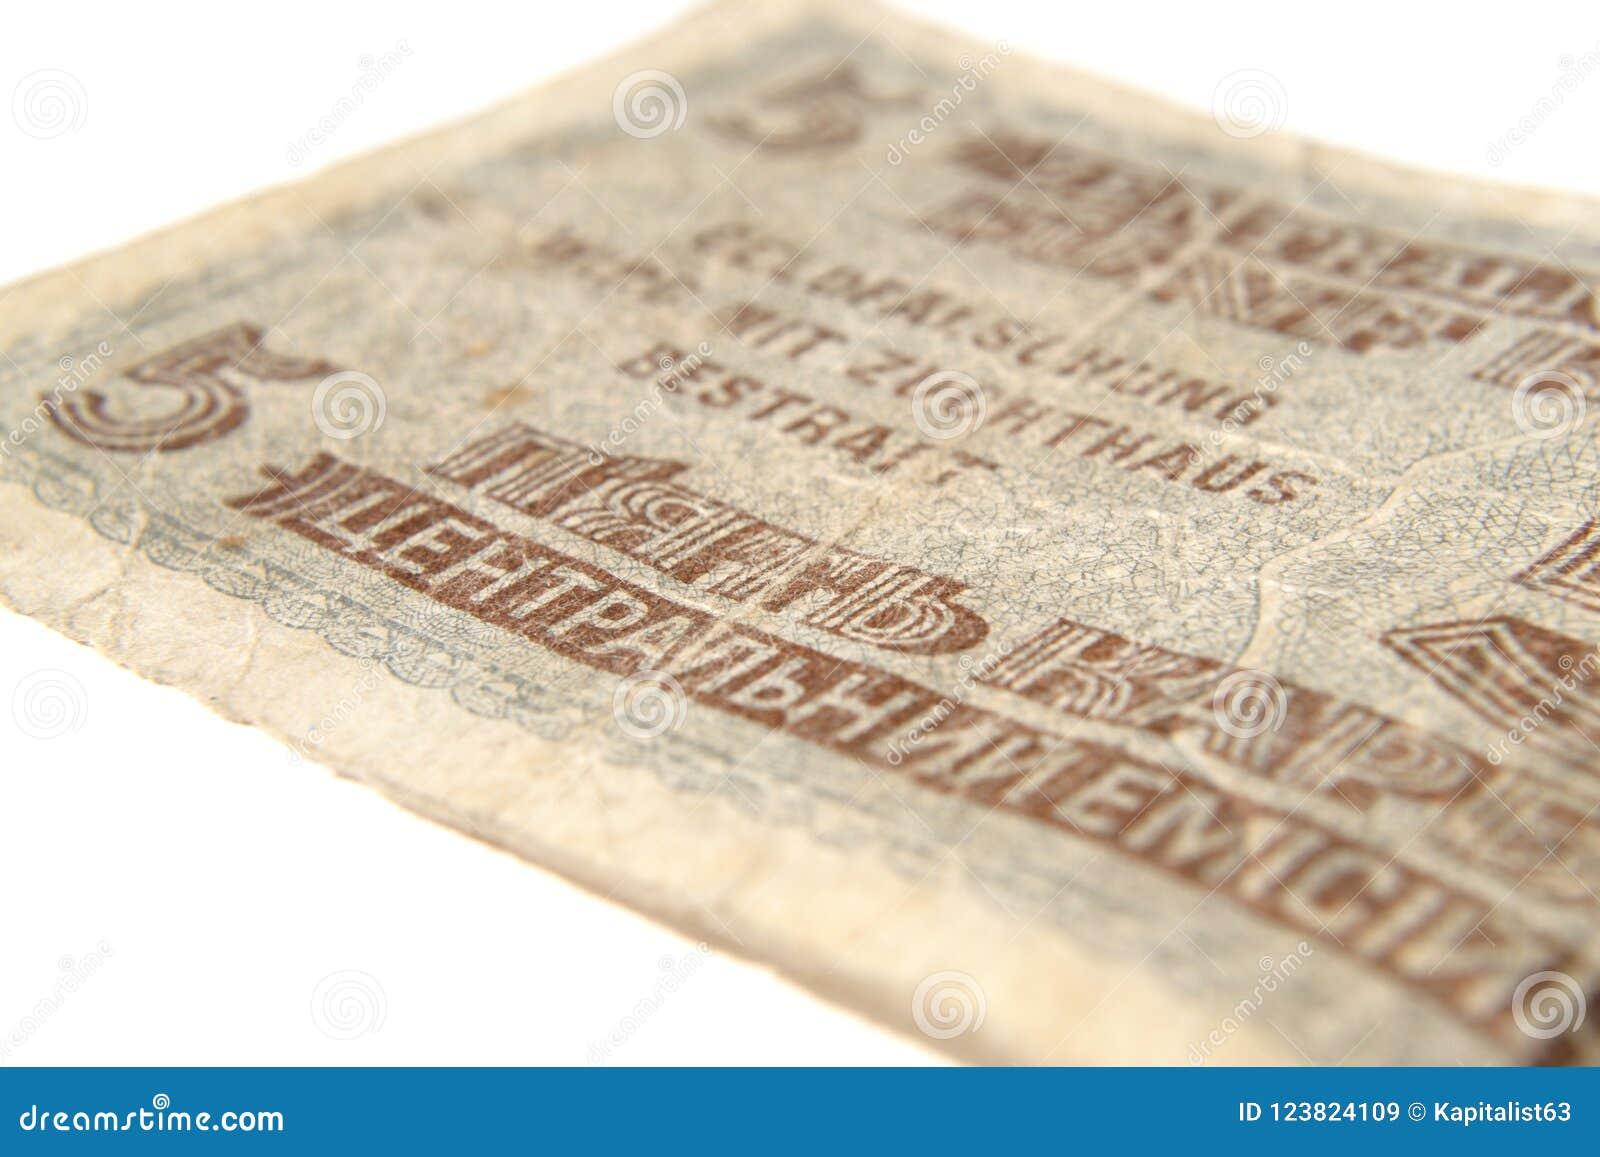 Billet de banque cinq roubles de profession fasciste